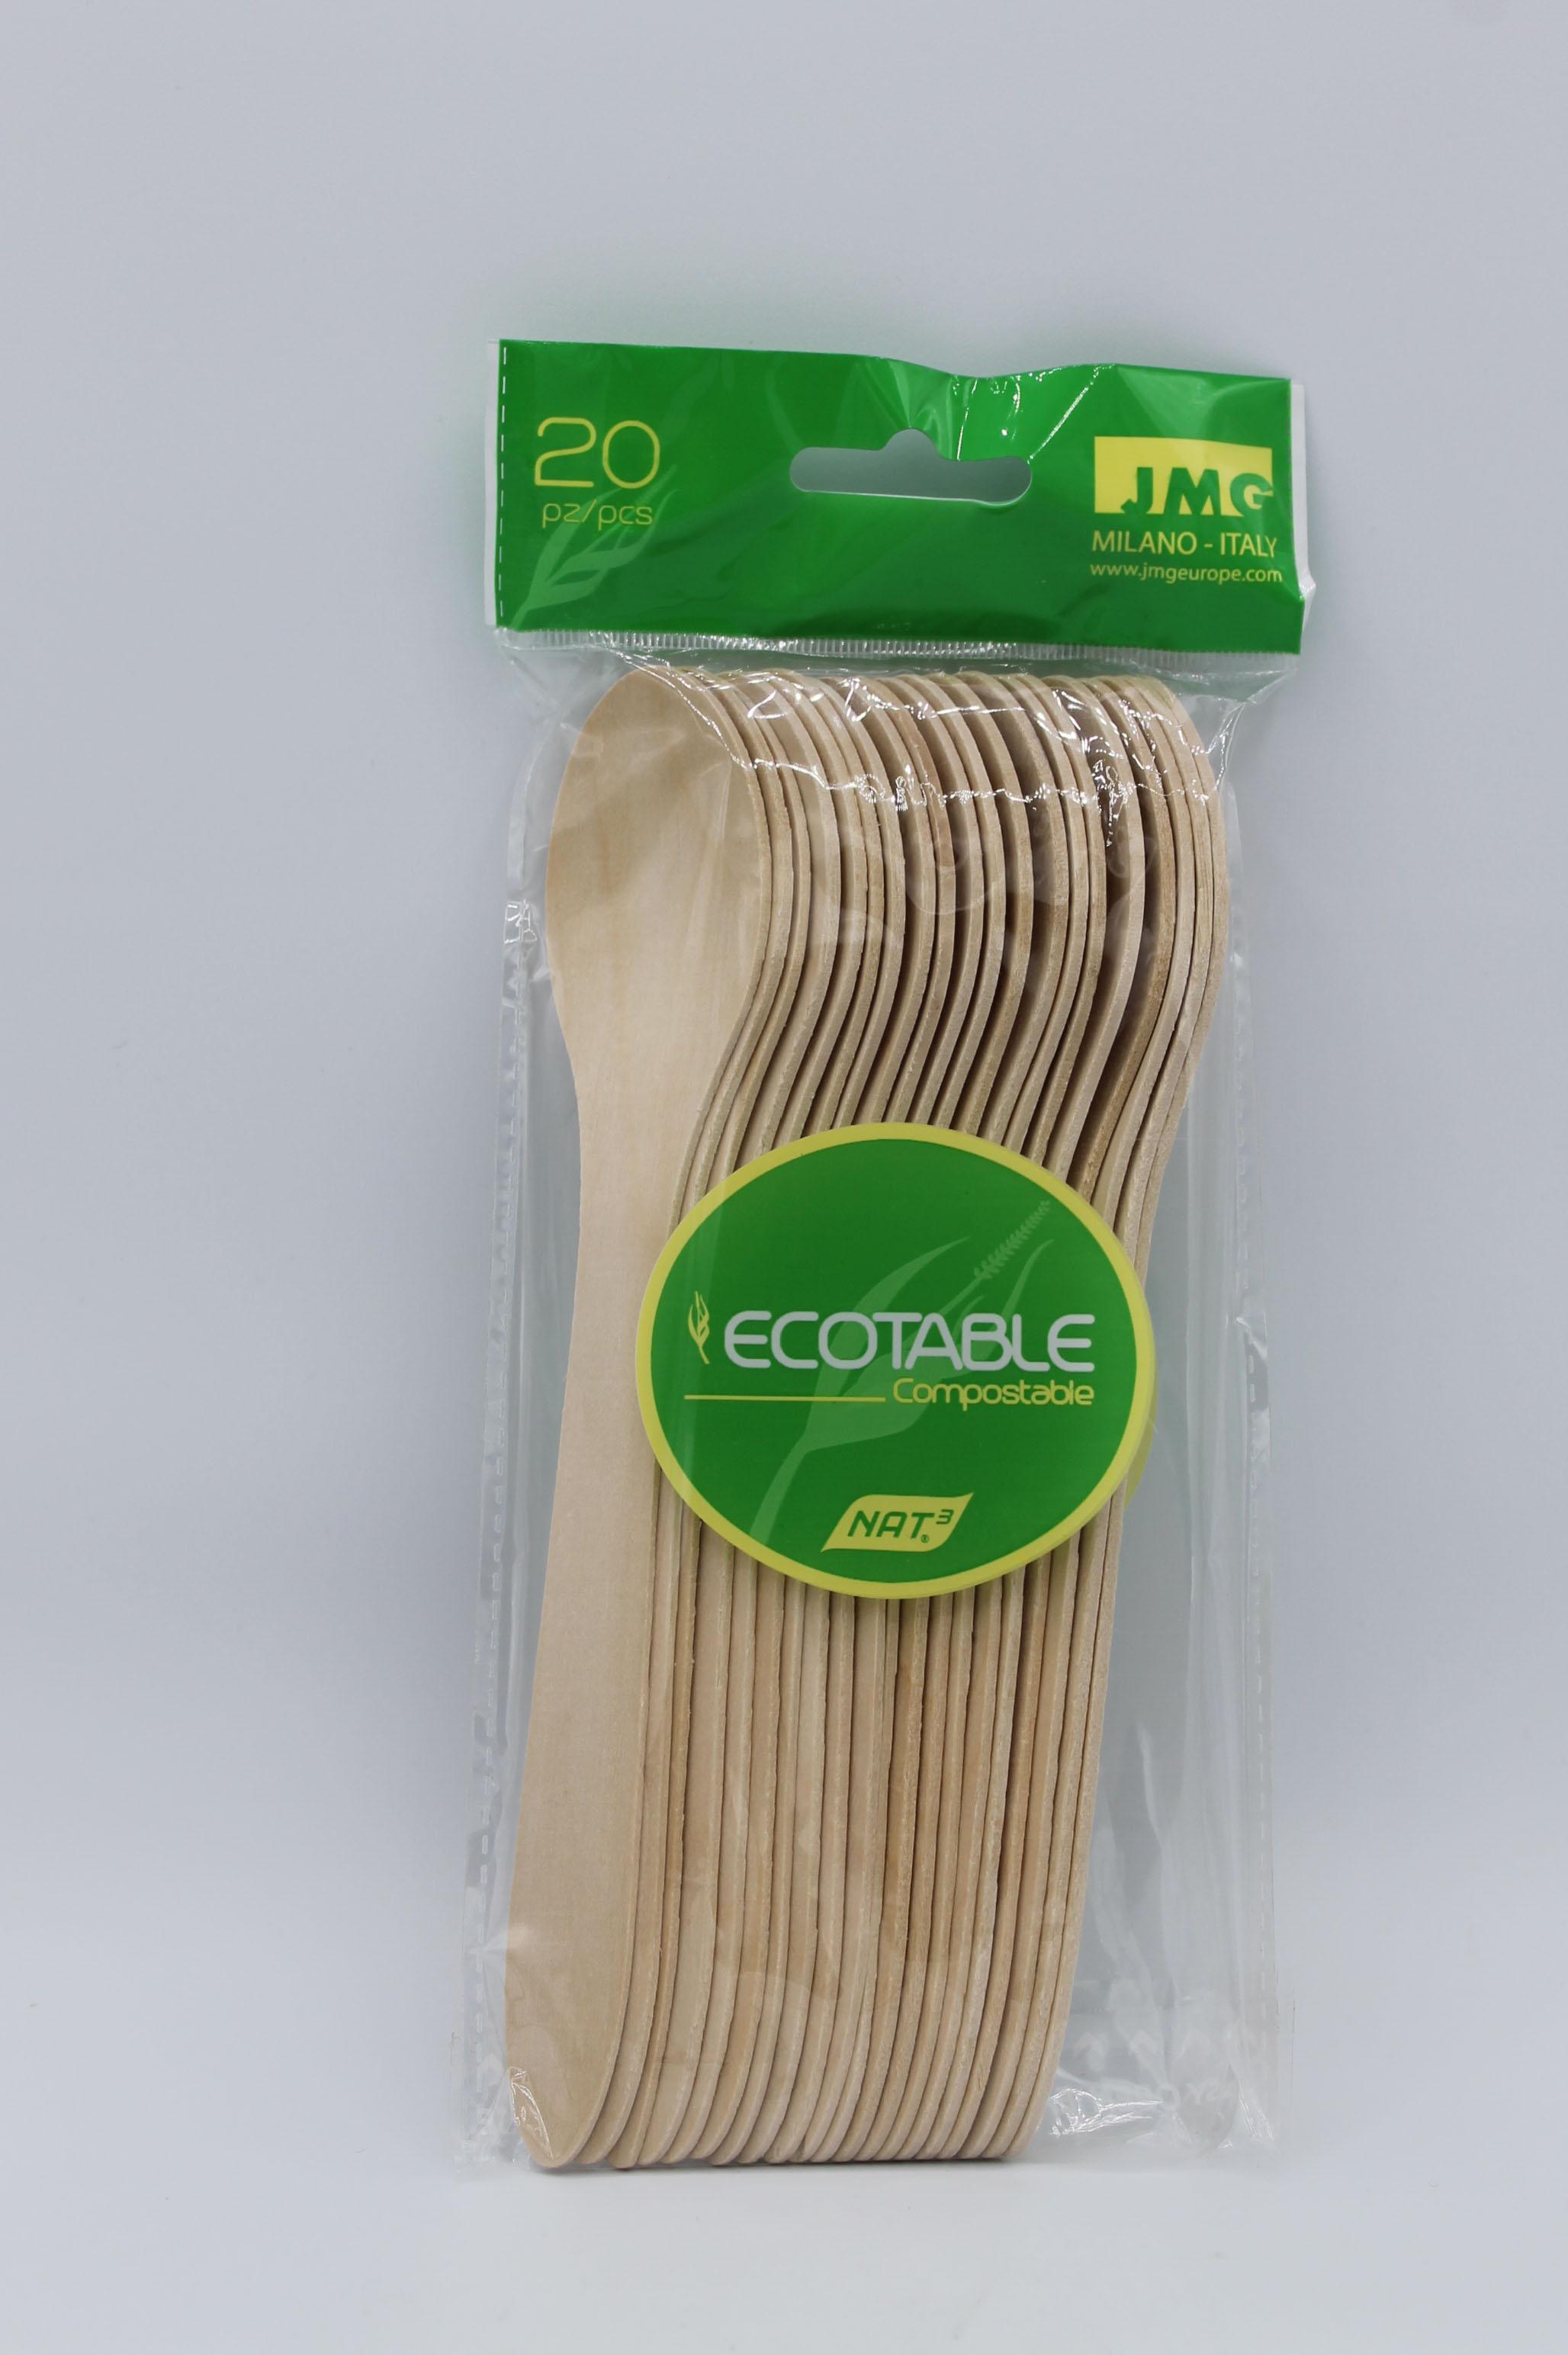 Ecotable cucchiai in legno 20pz.